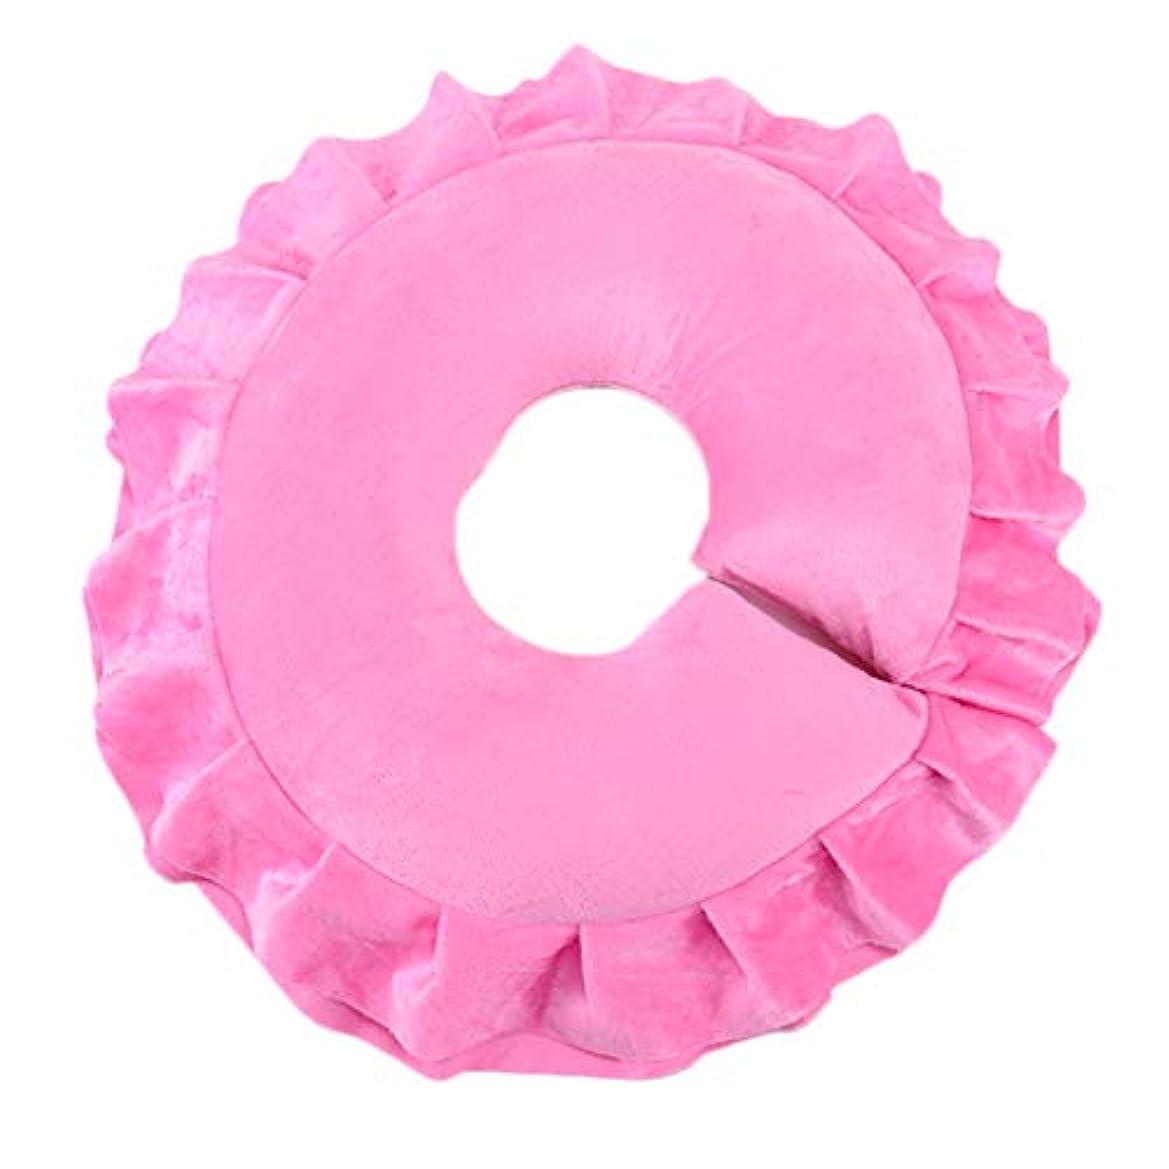 徒歩で未知のむちゃくちゃchiwanji 顔枕 マッサージ用 ボディマッサージ シリコンフェイスピロー 快適 美容室 スパ 全4色 - ピンク